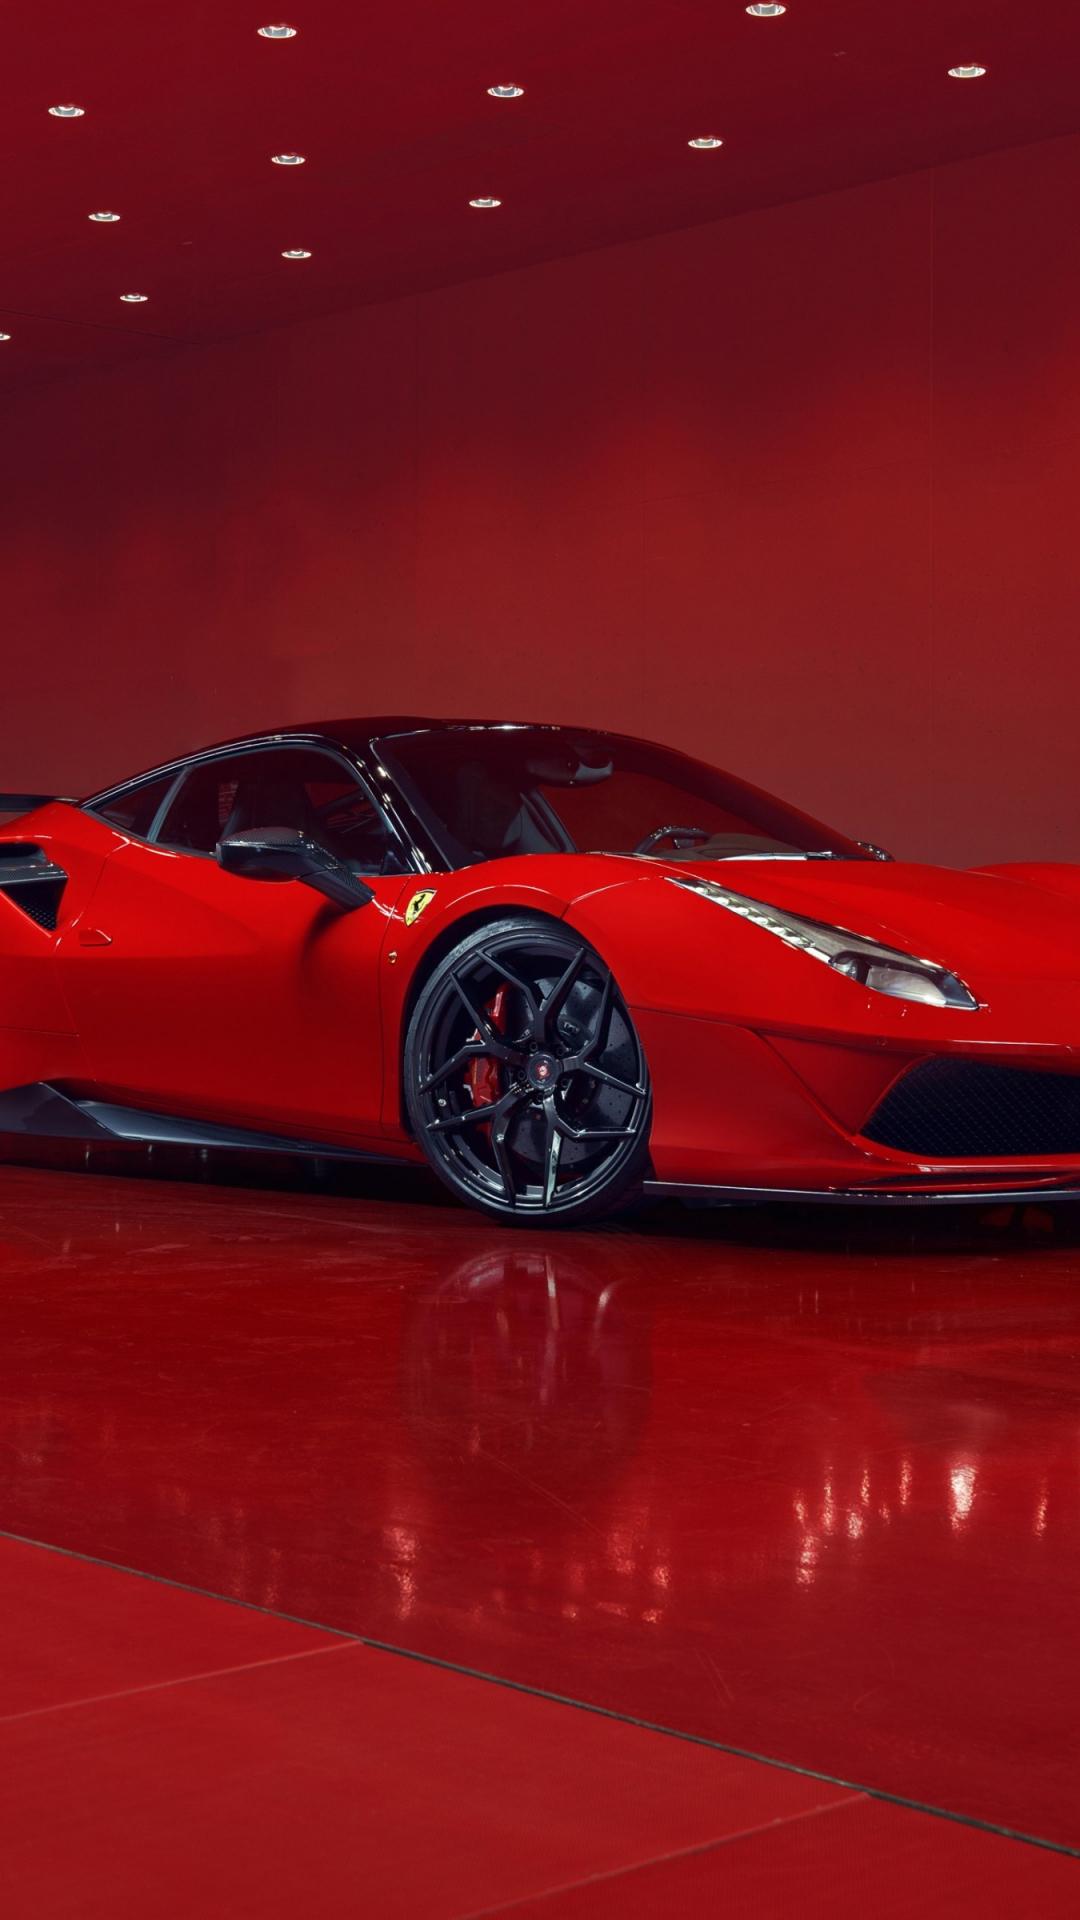 Free download 2018 Ferrari Red Car 4K HD Desktop Wallpaper ...